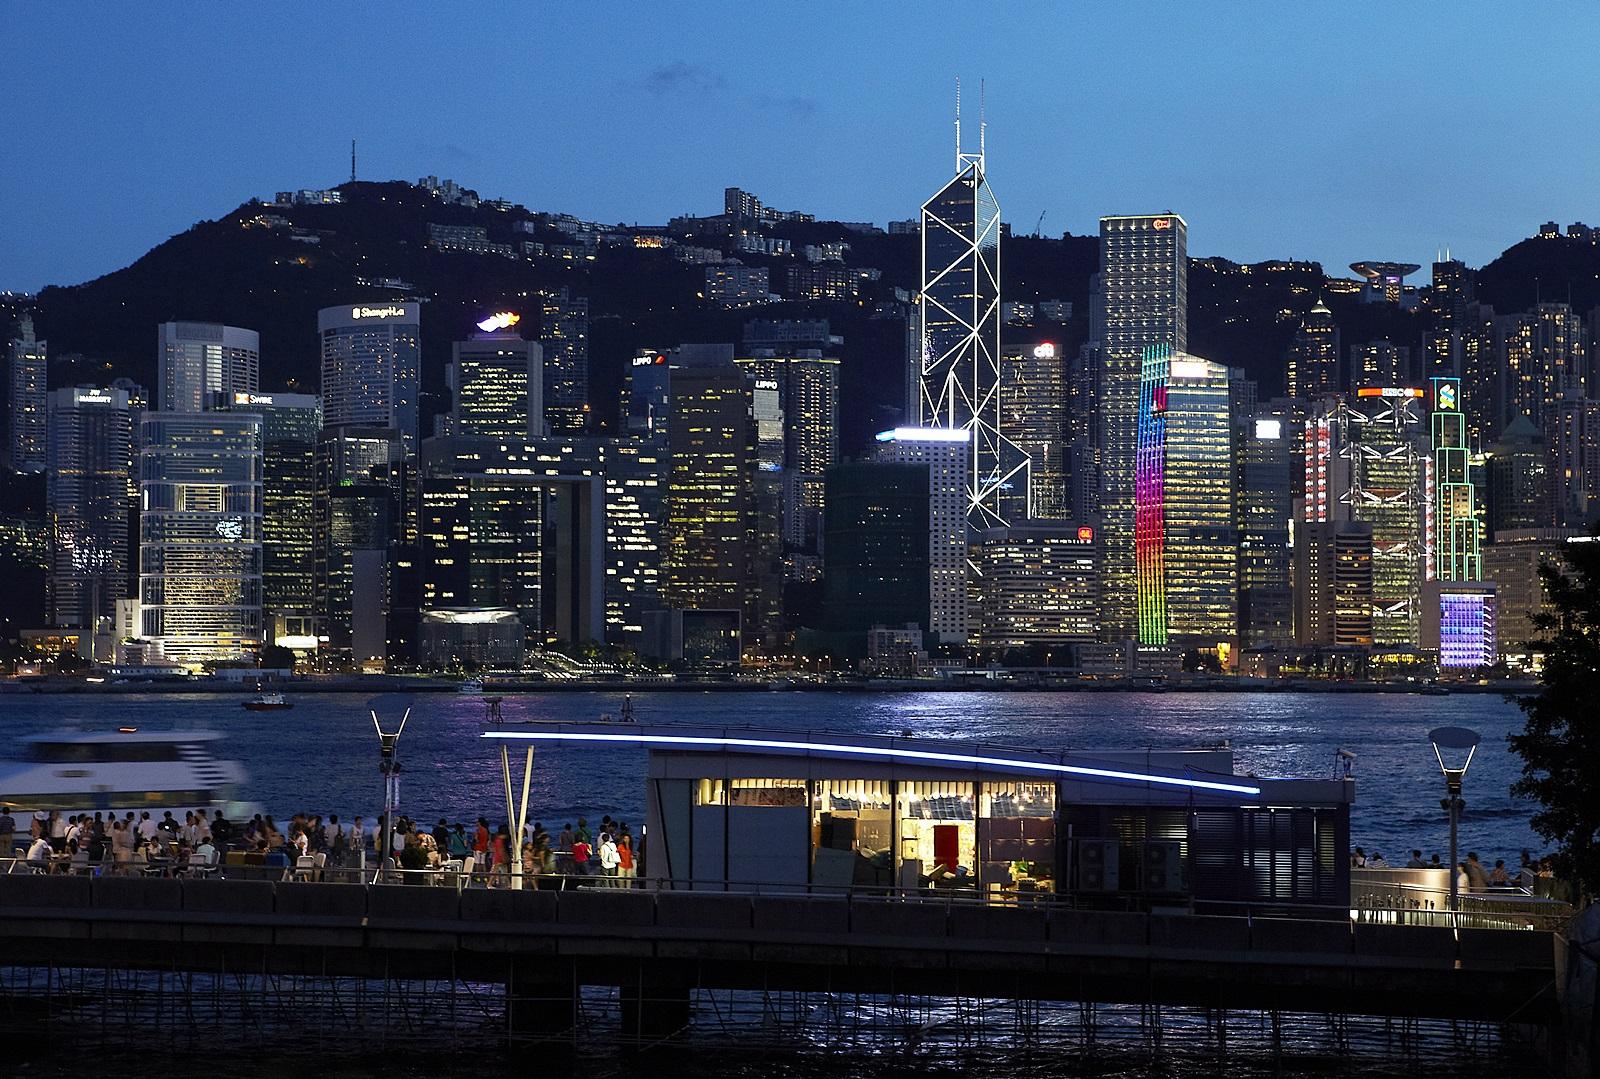 현금 따위 필요없다! 폰 하나 들고 홍콩 여행하기 ...